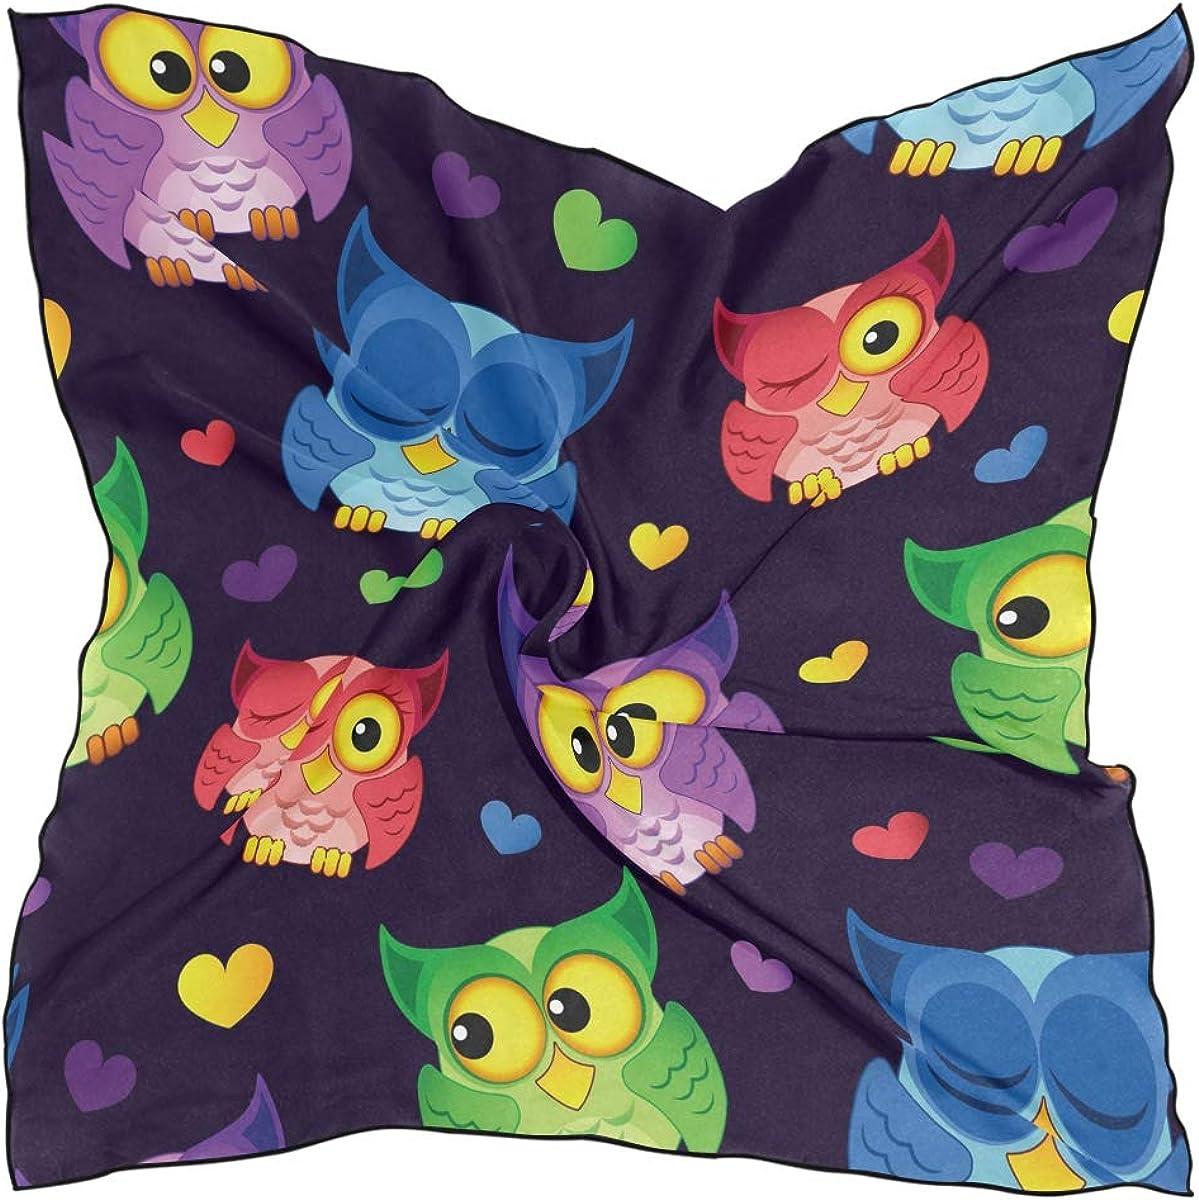 Estampado ligero Caballo Pañuelo cuadrado Dibujos animados Cute Owl Animal Patrón sin costuras para mujeres Señoras Chal Bufanda Head Wraps 60 × 60 CM